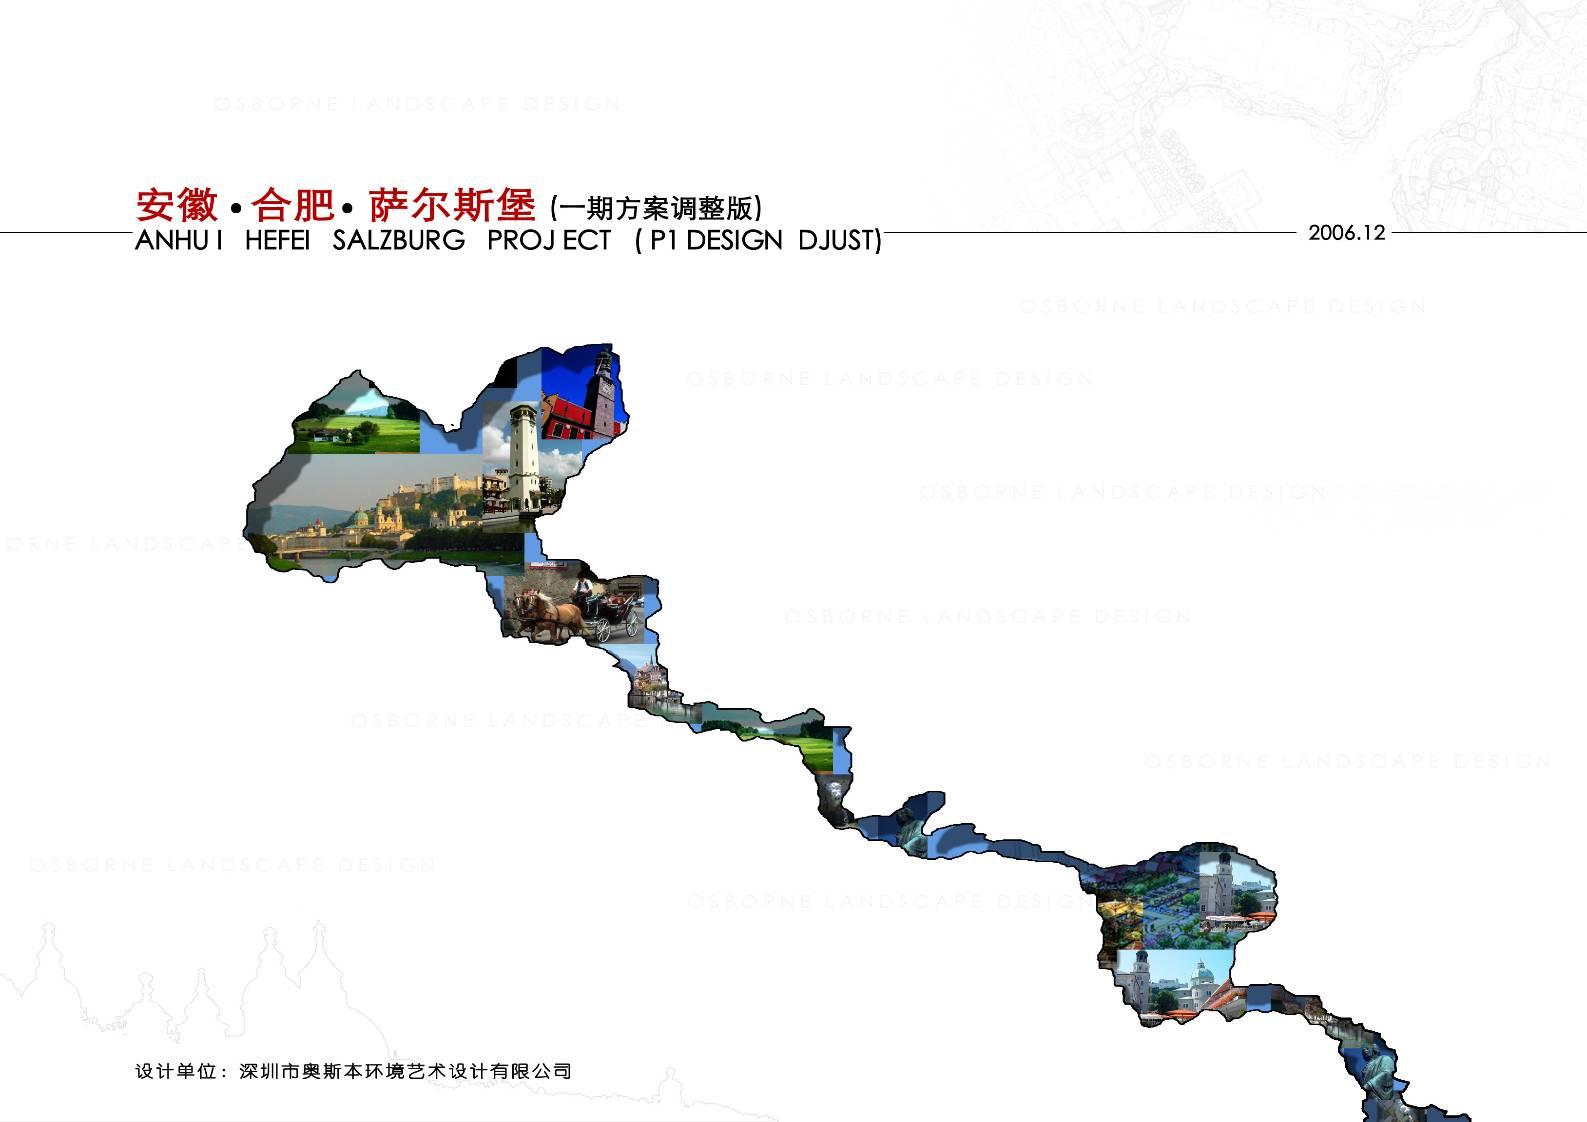 [合肥]异国风情居住区集中公园景观设计方案初设图(51张)图片1